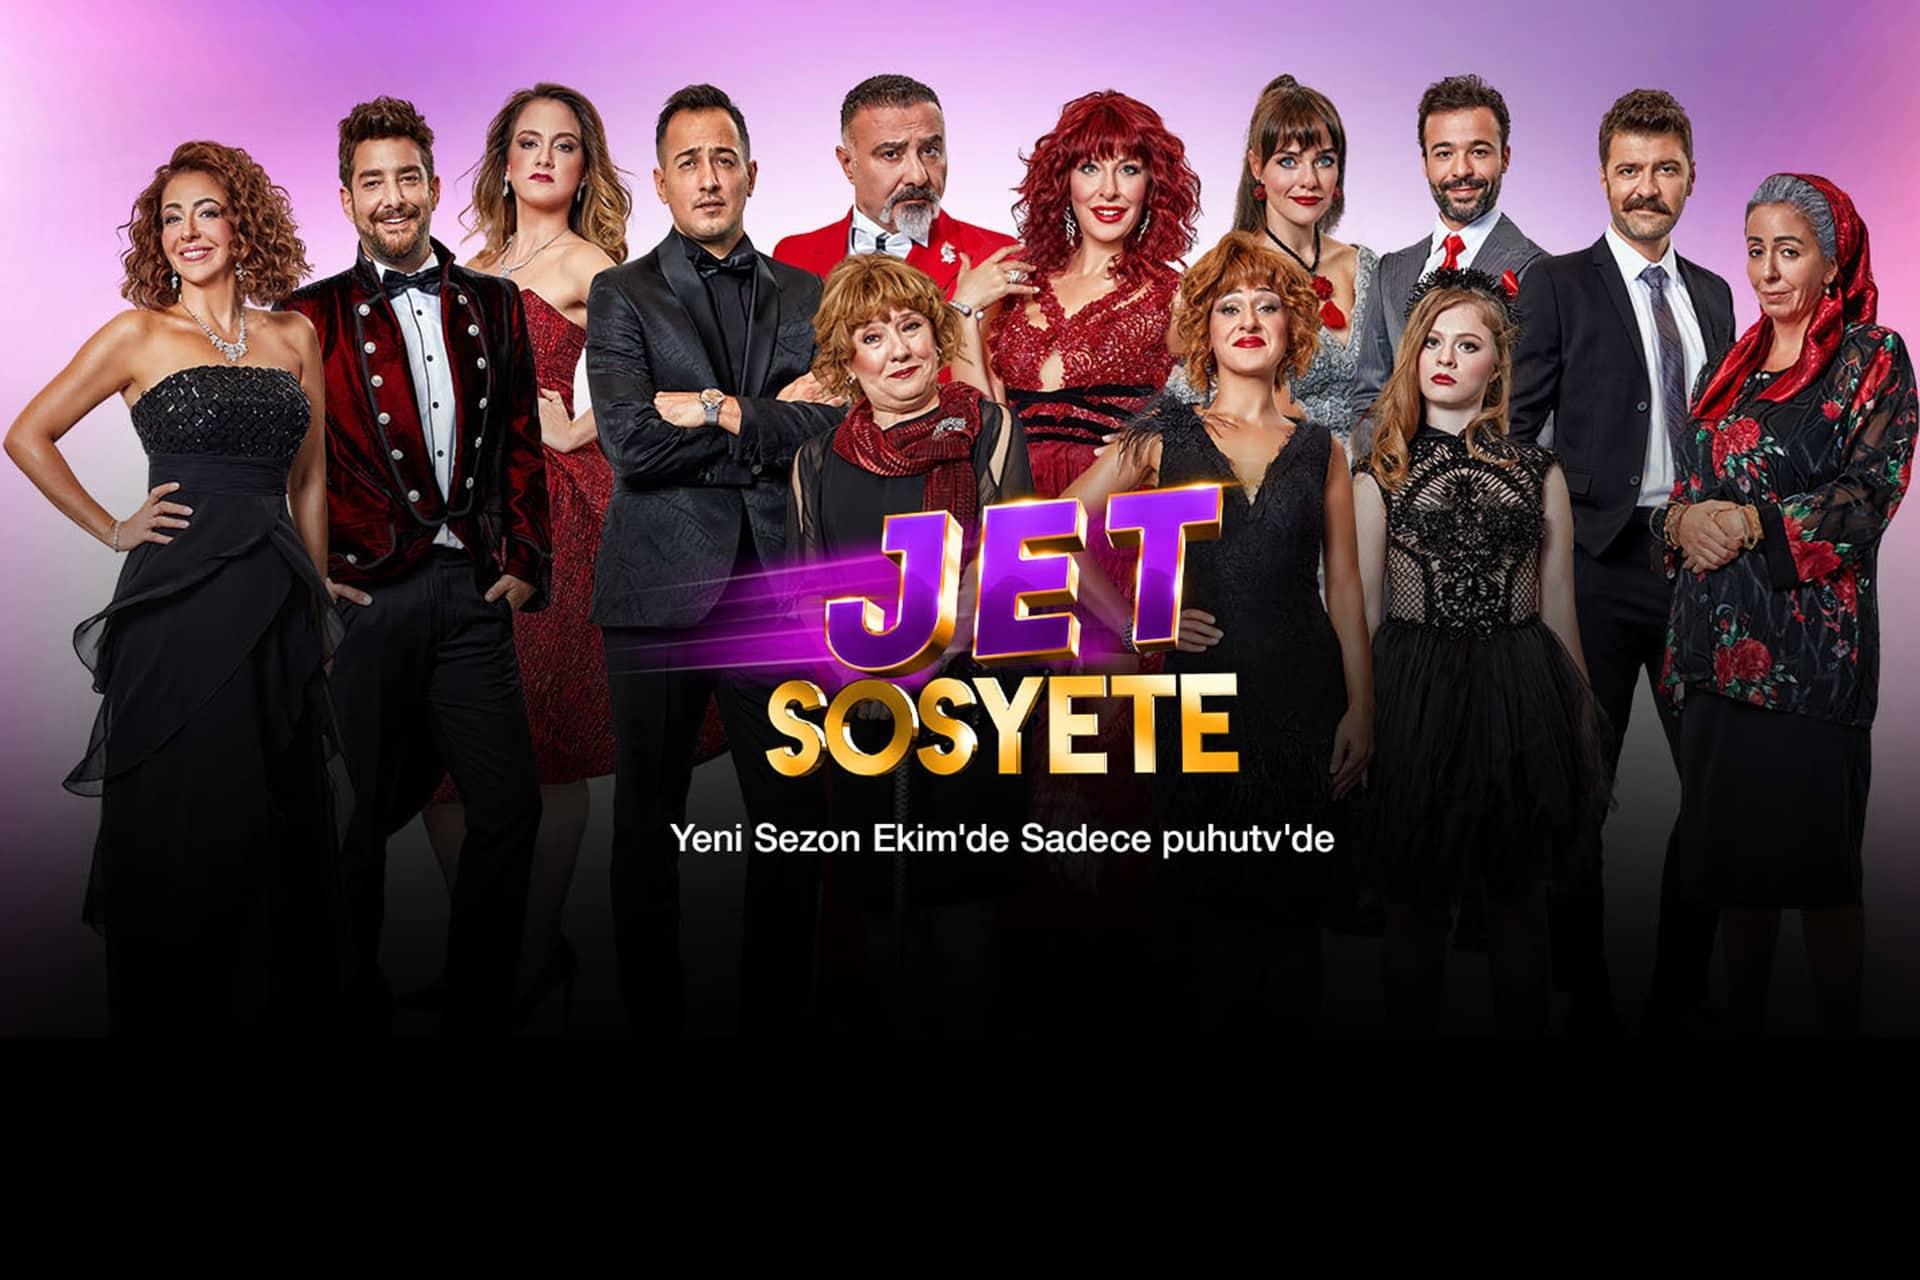 Jet Sosyete Star Tv'ye transfer oldu 2020 yılında